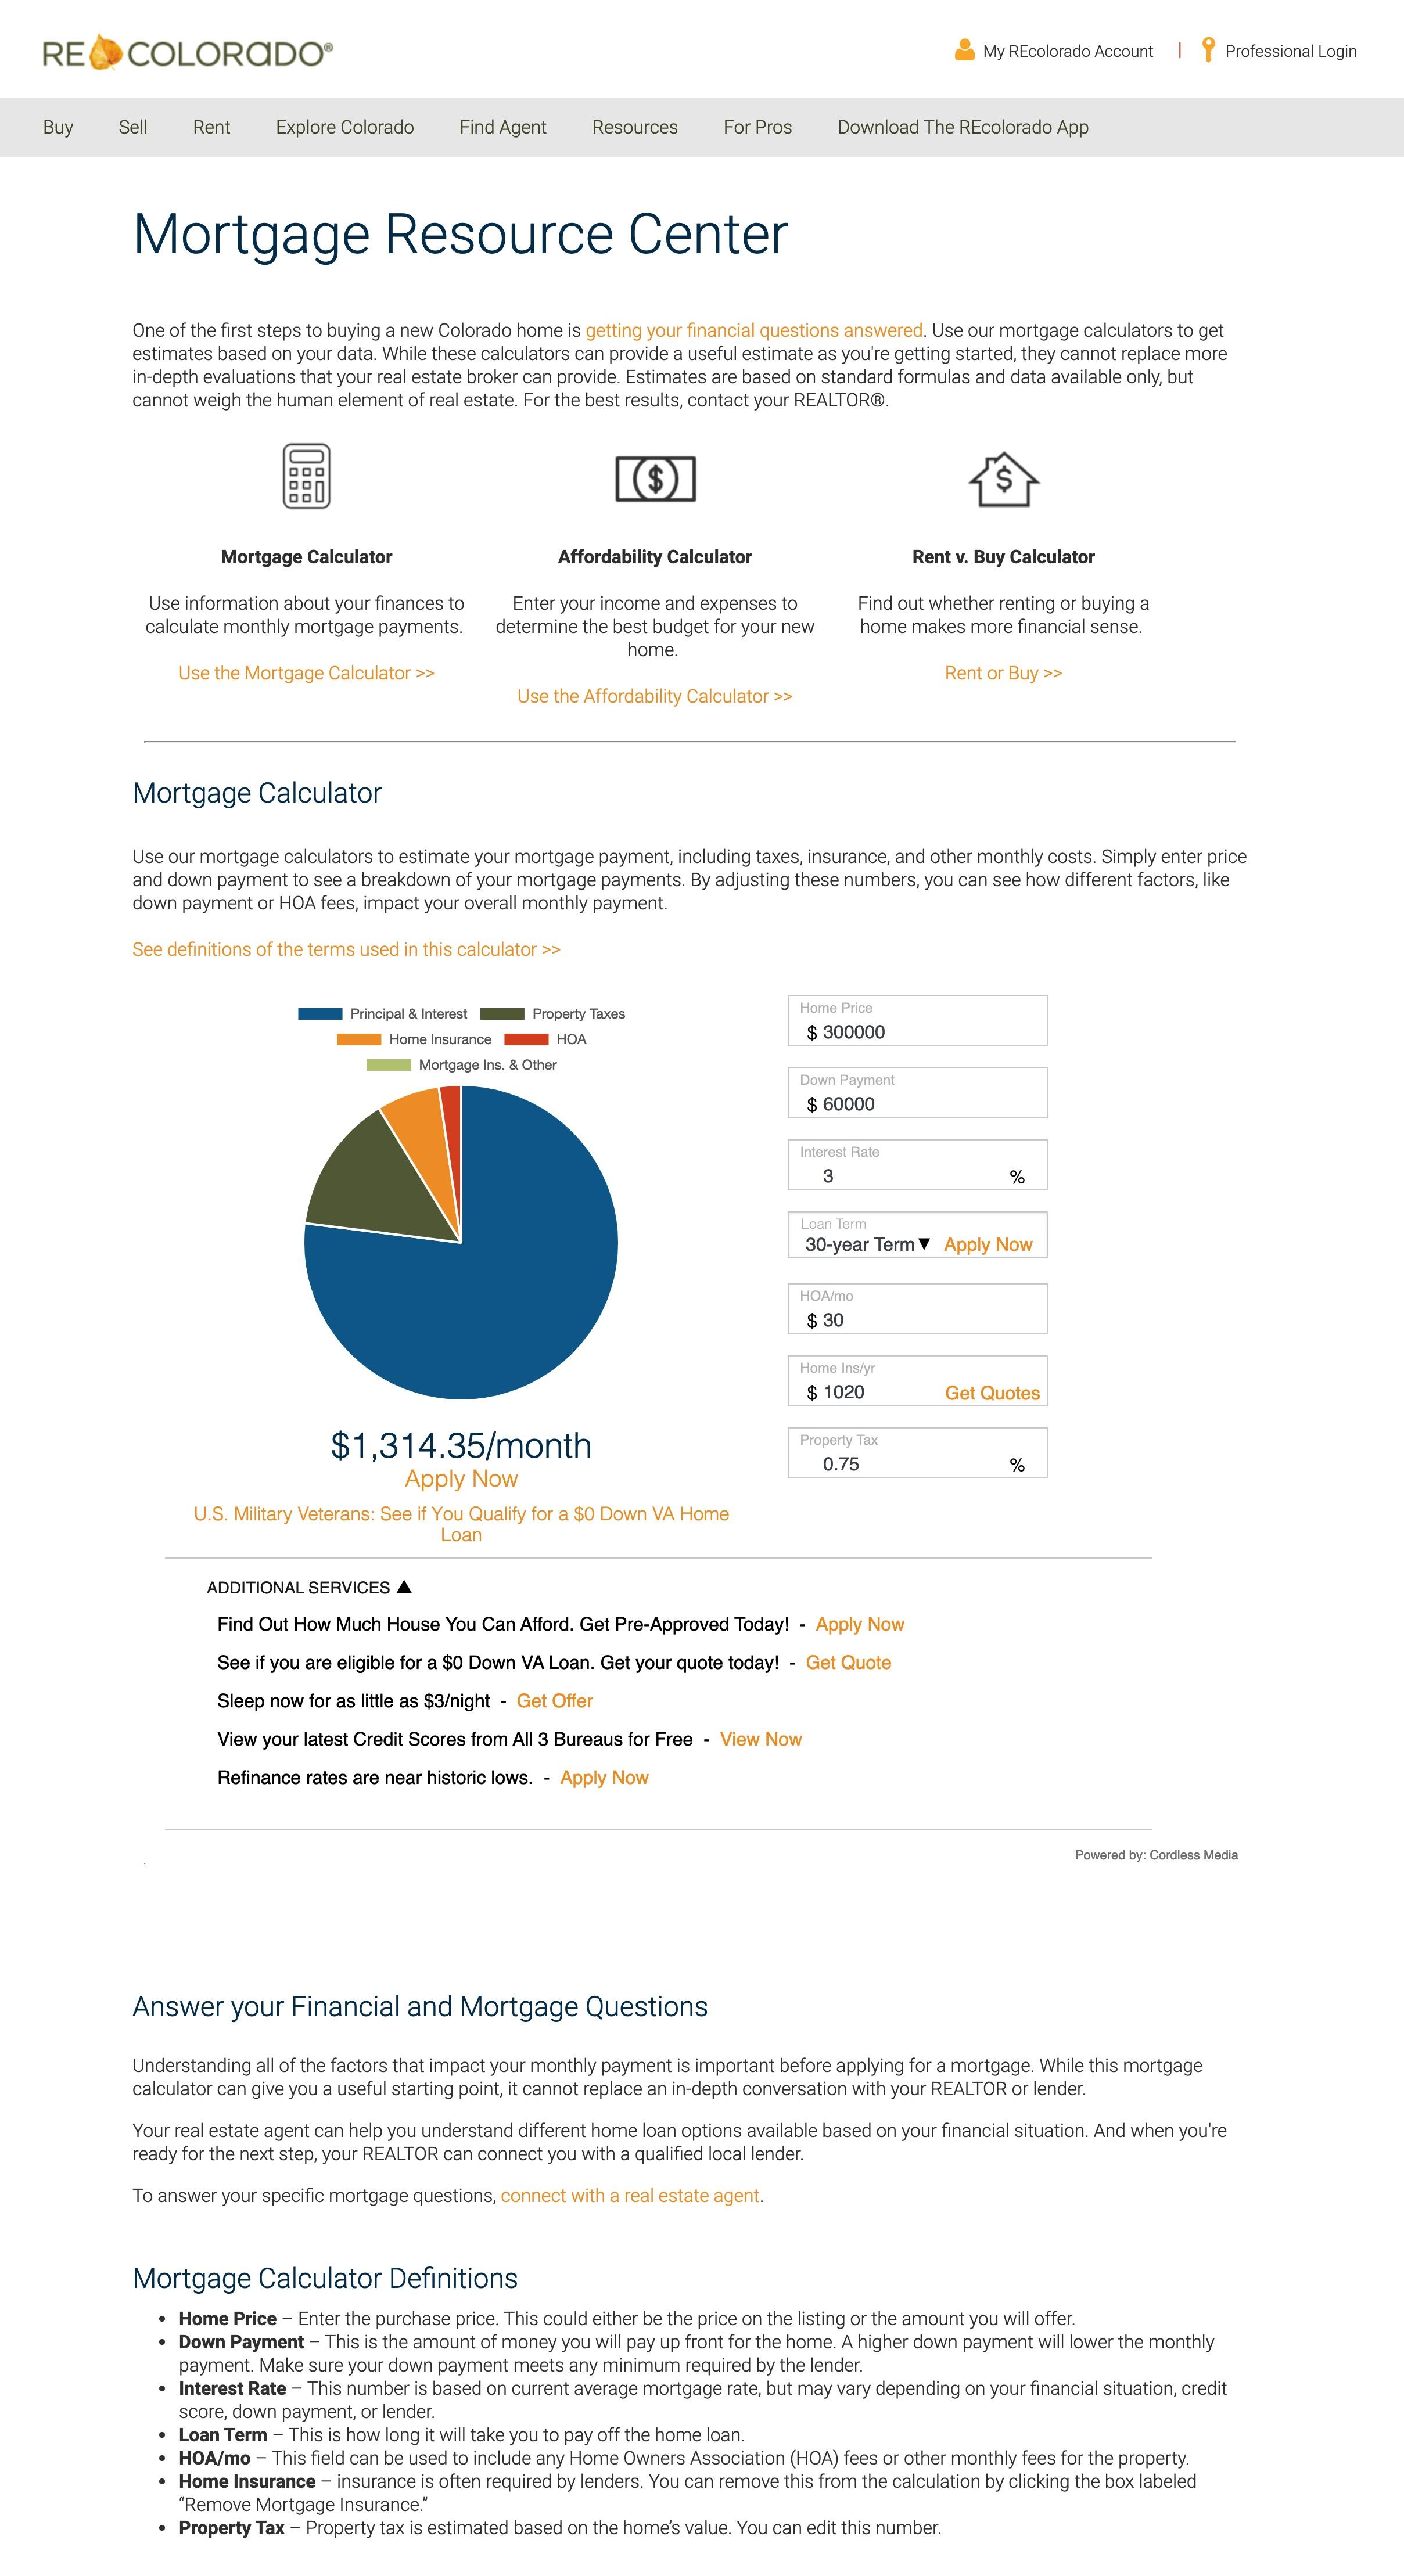 REcolorado Mortgage Calculator